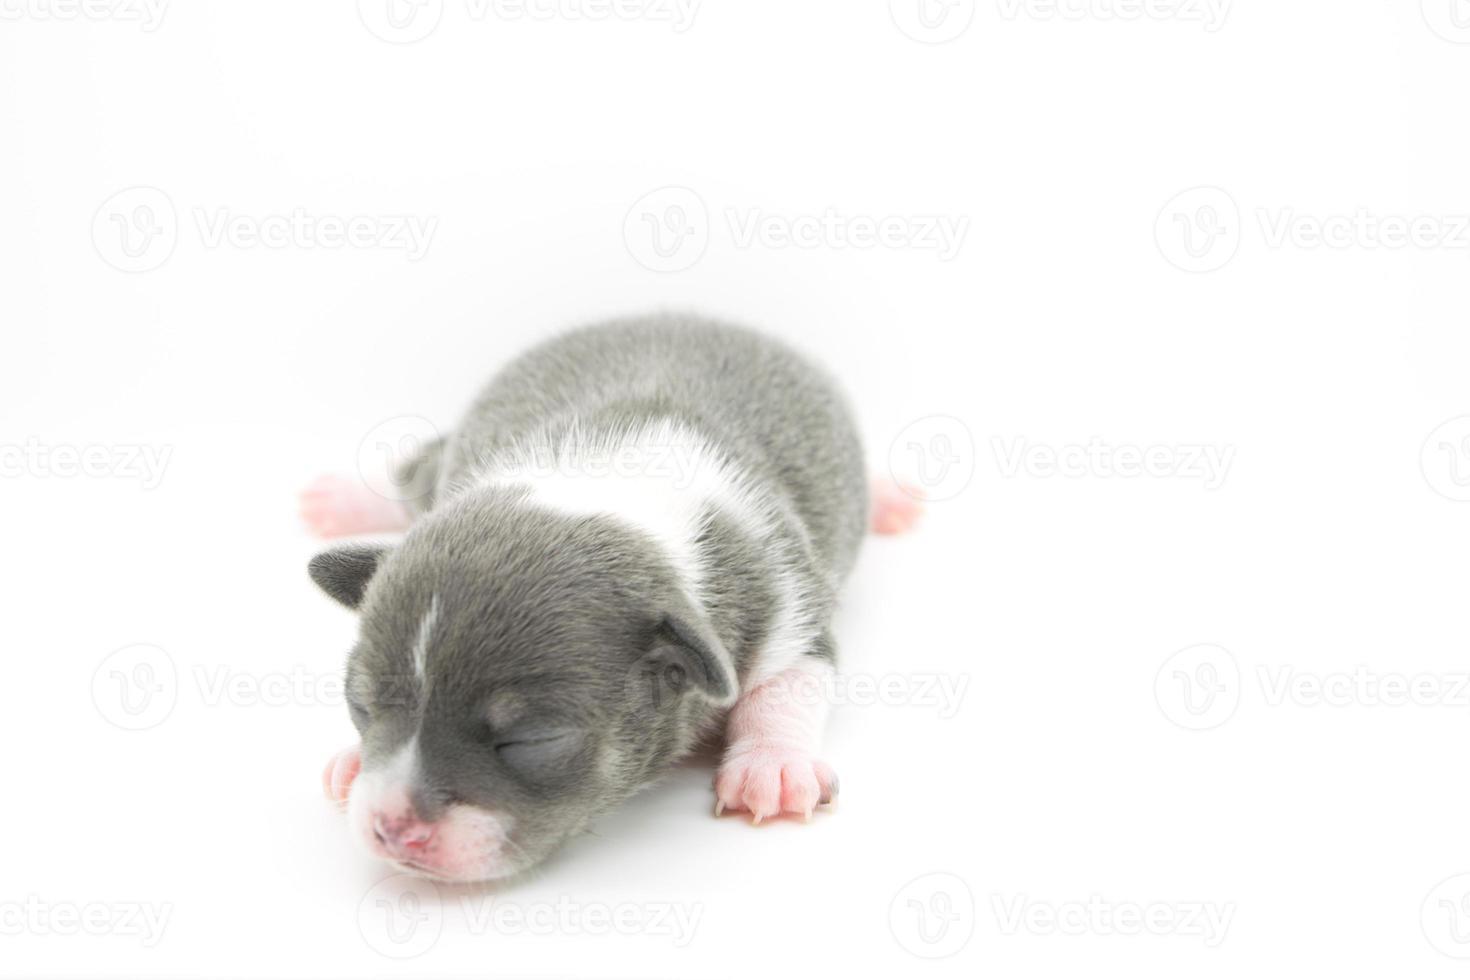 cachorro azul y blanco foto